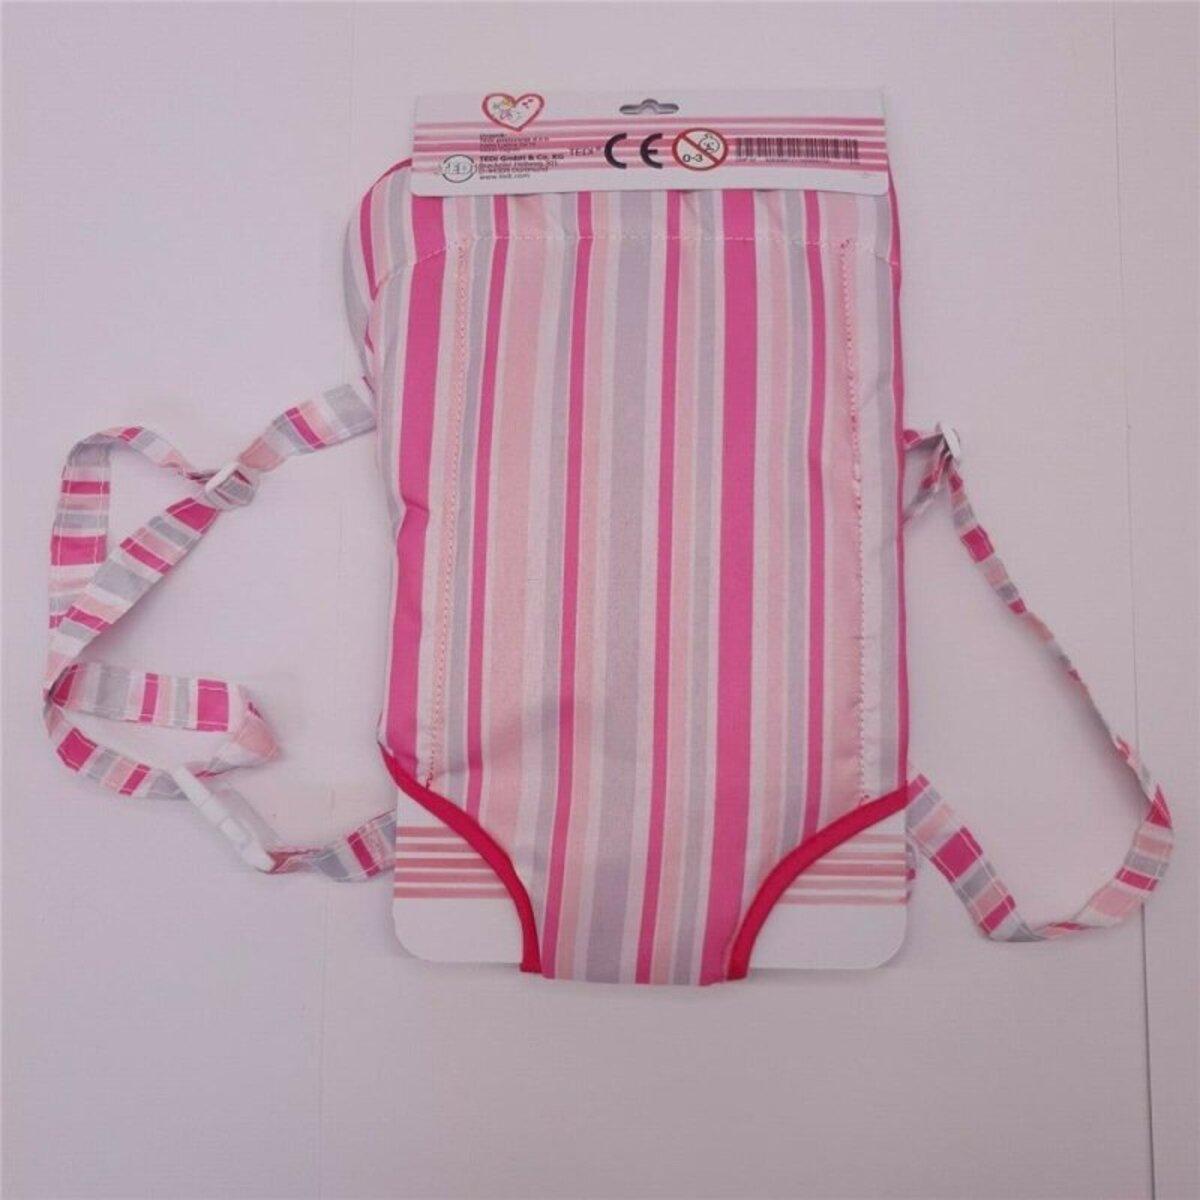 Bild 2 von Bauchtragetasche für Baby-Puppen, rosa, mit verstellbarem Gurt, Polyester